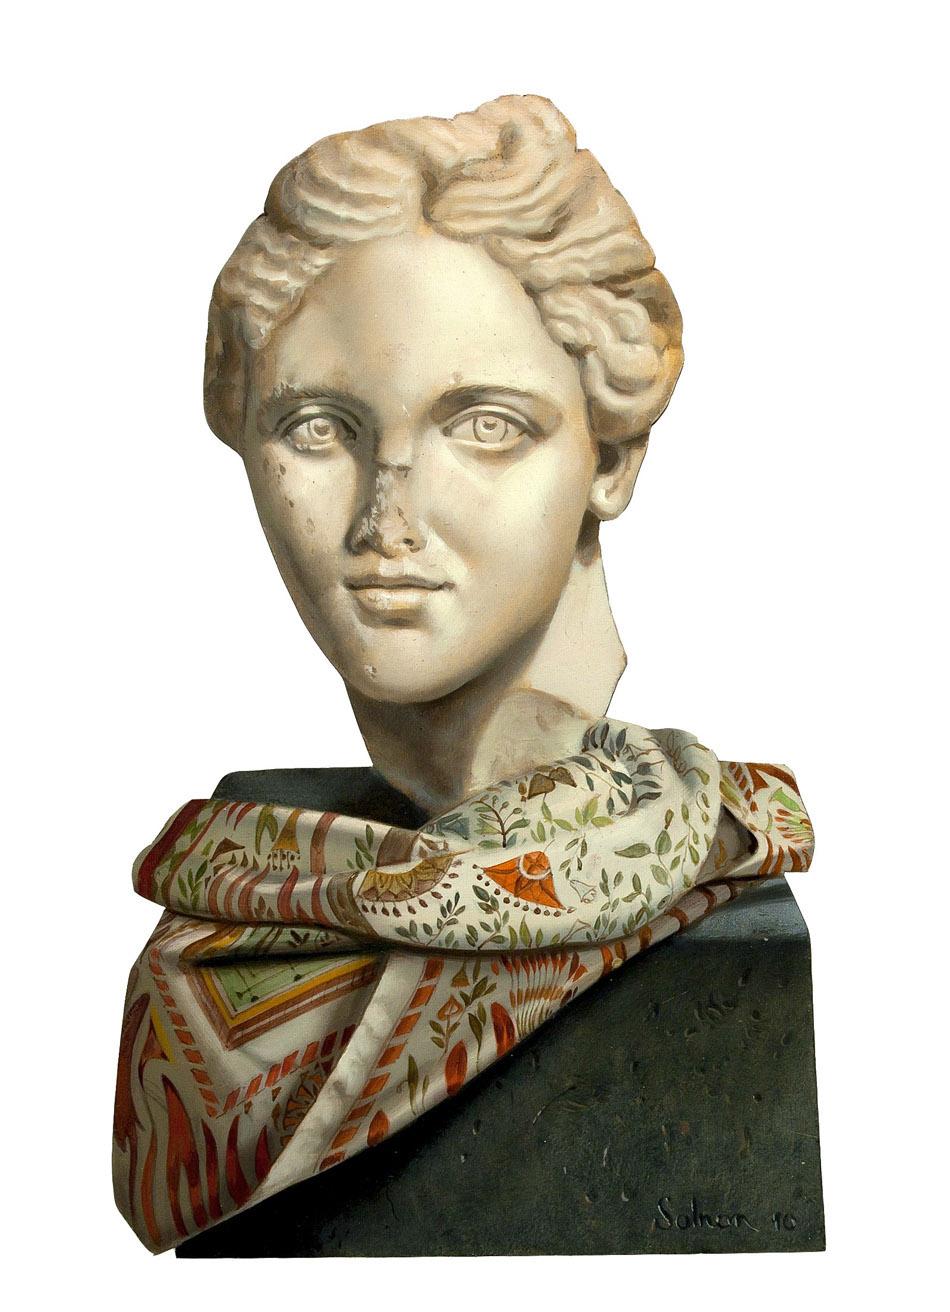 Le foulard oublié - huile sur bois, 39 x 23 cm